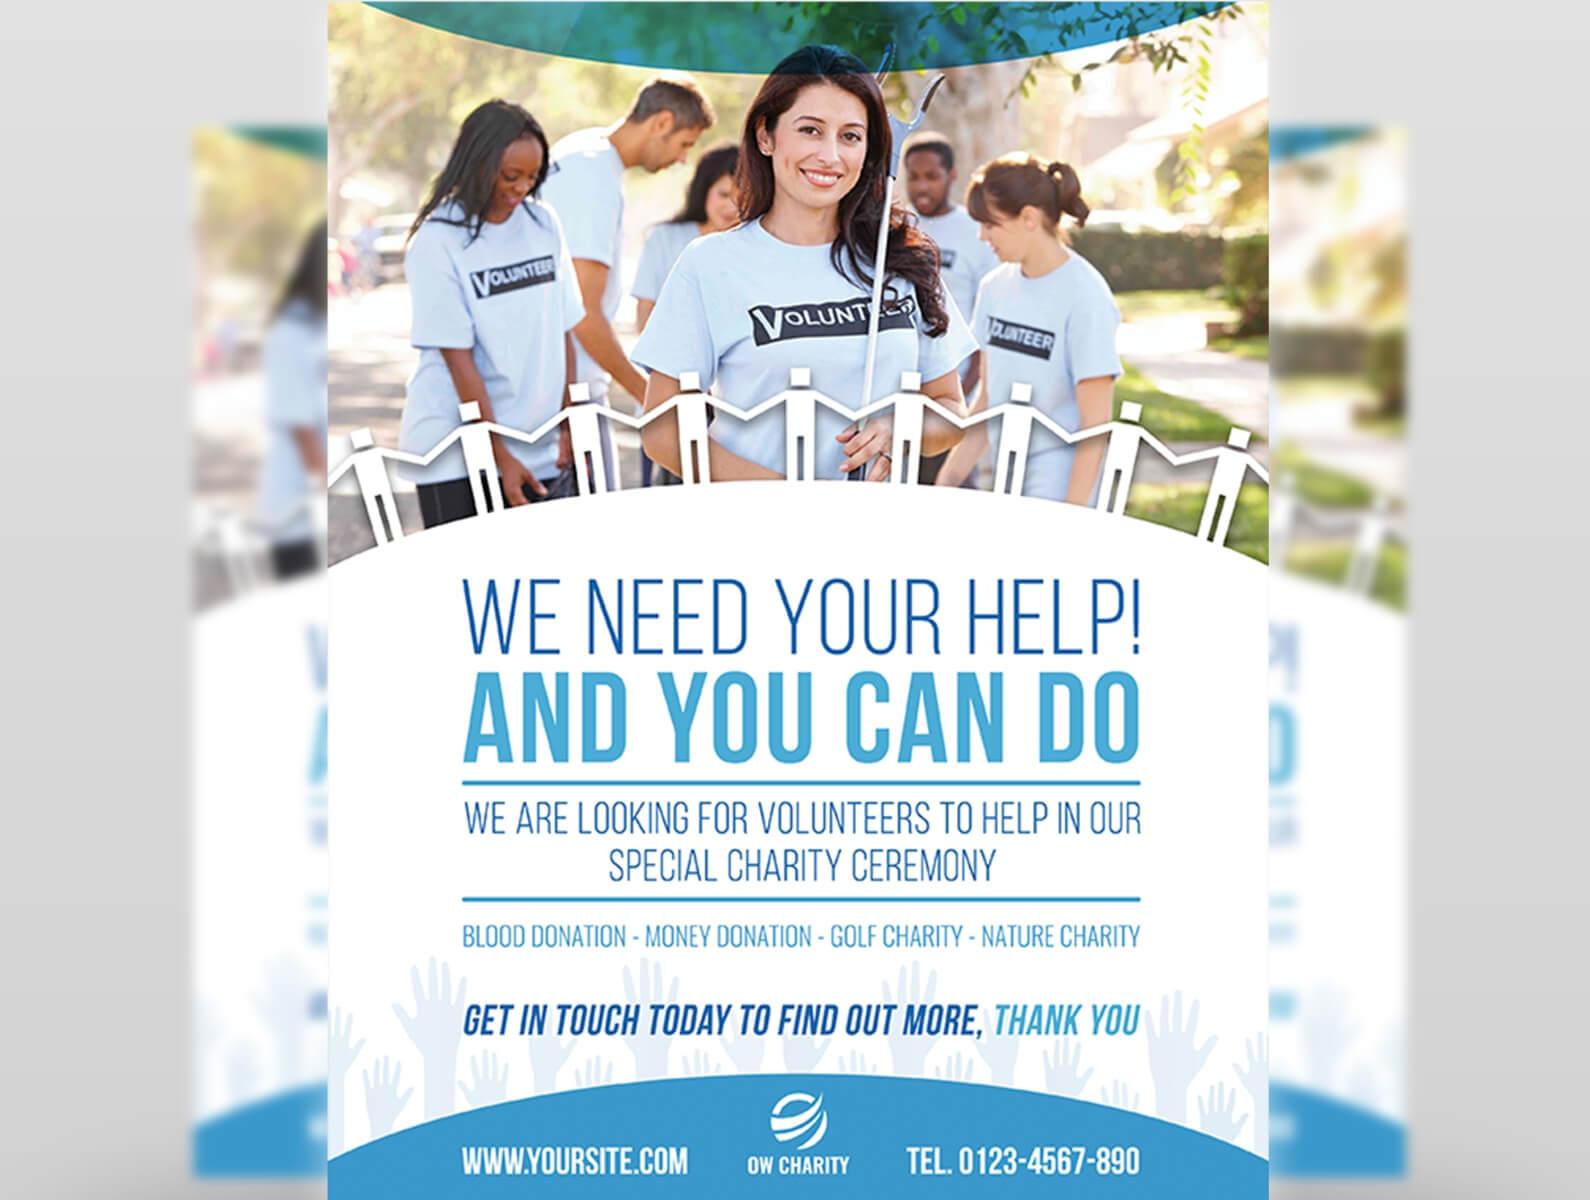 Volunteer Flyer Templateowpictures On Dribbble With Regard To Volunteer Brochure Template